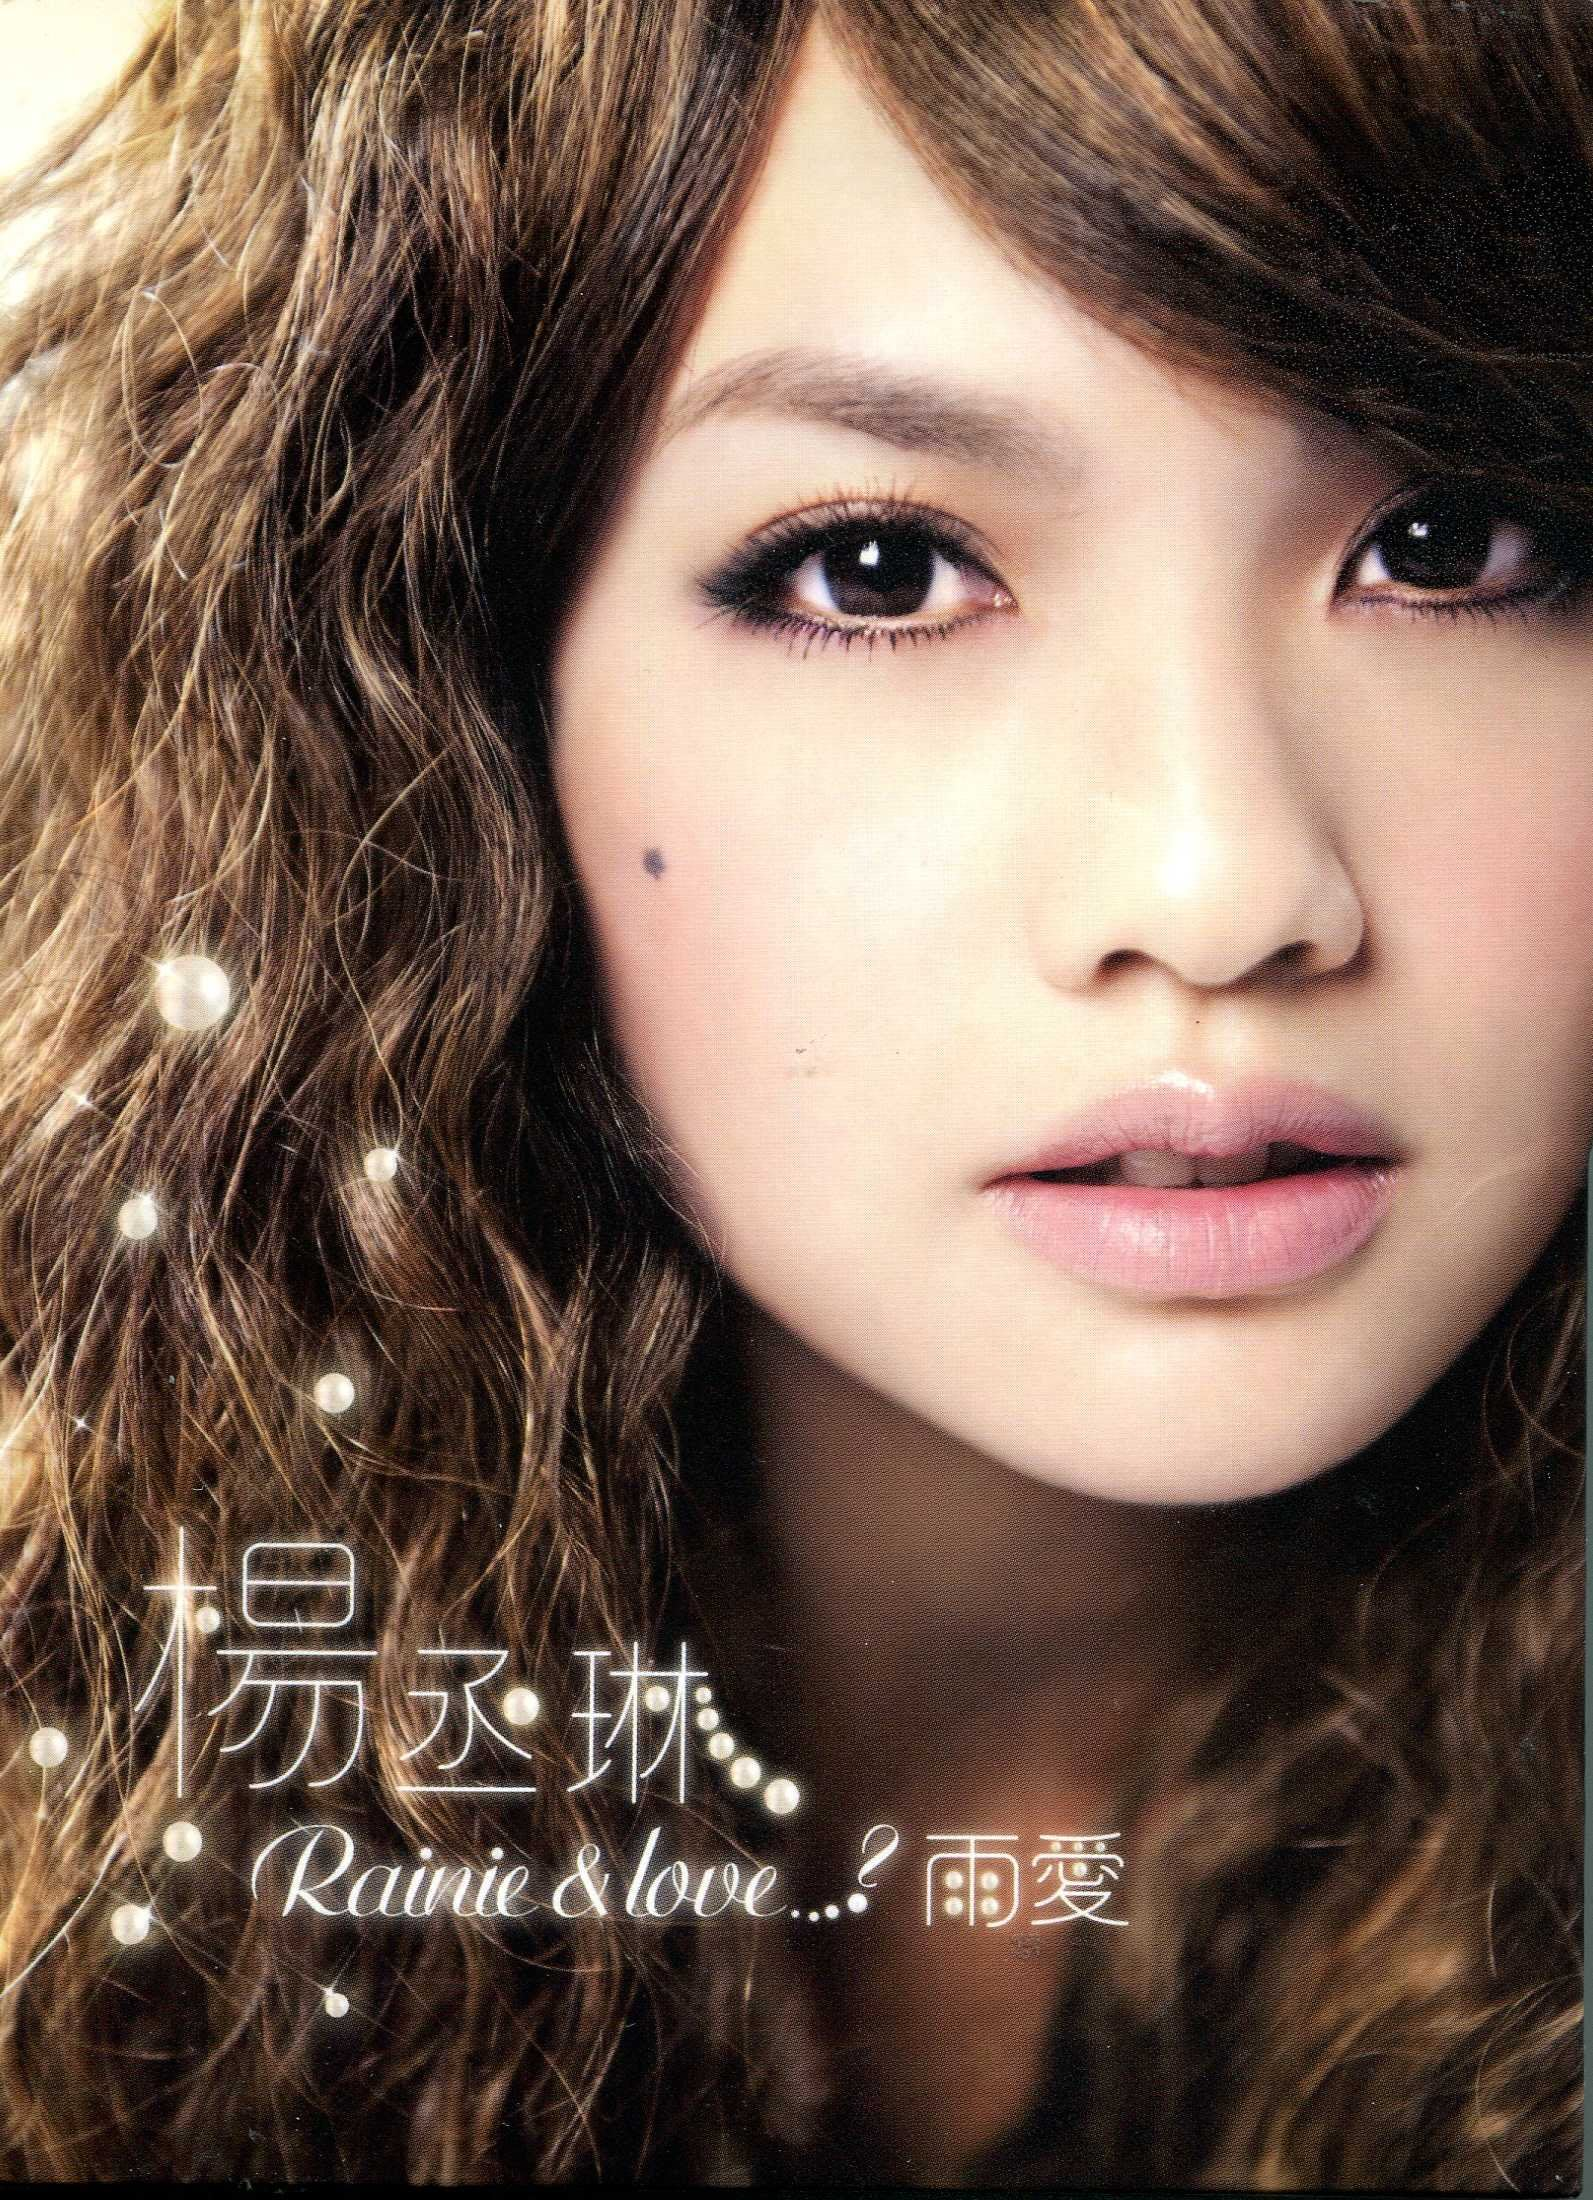 楊丞琳 Raine & Love雨愛 In Your Eyes (珍珠閃耀版) CD完全無細絲瓜痕